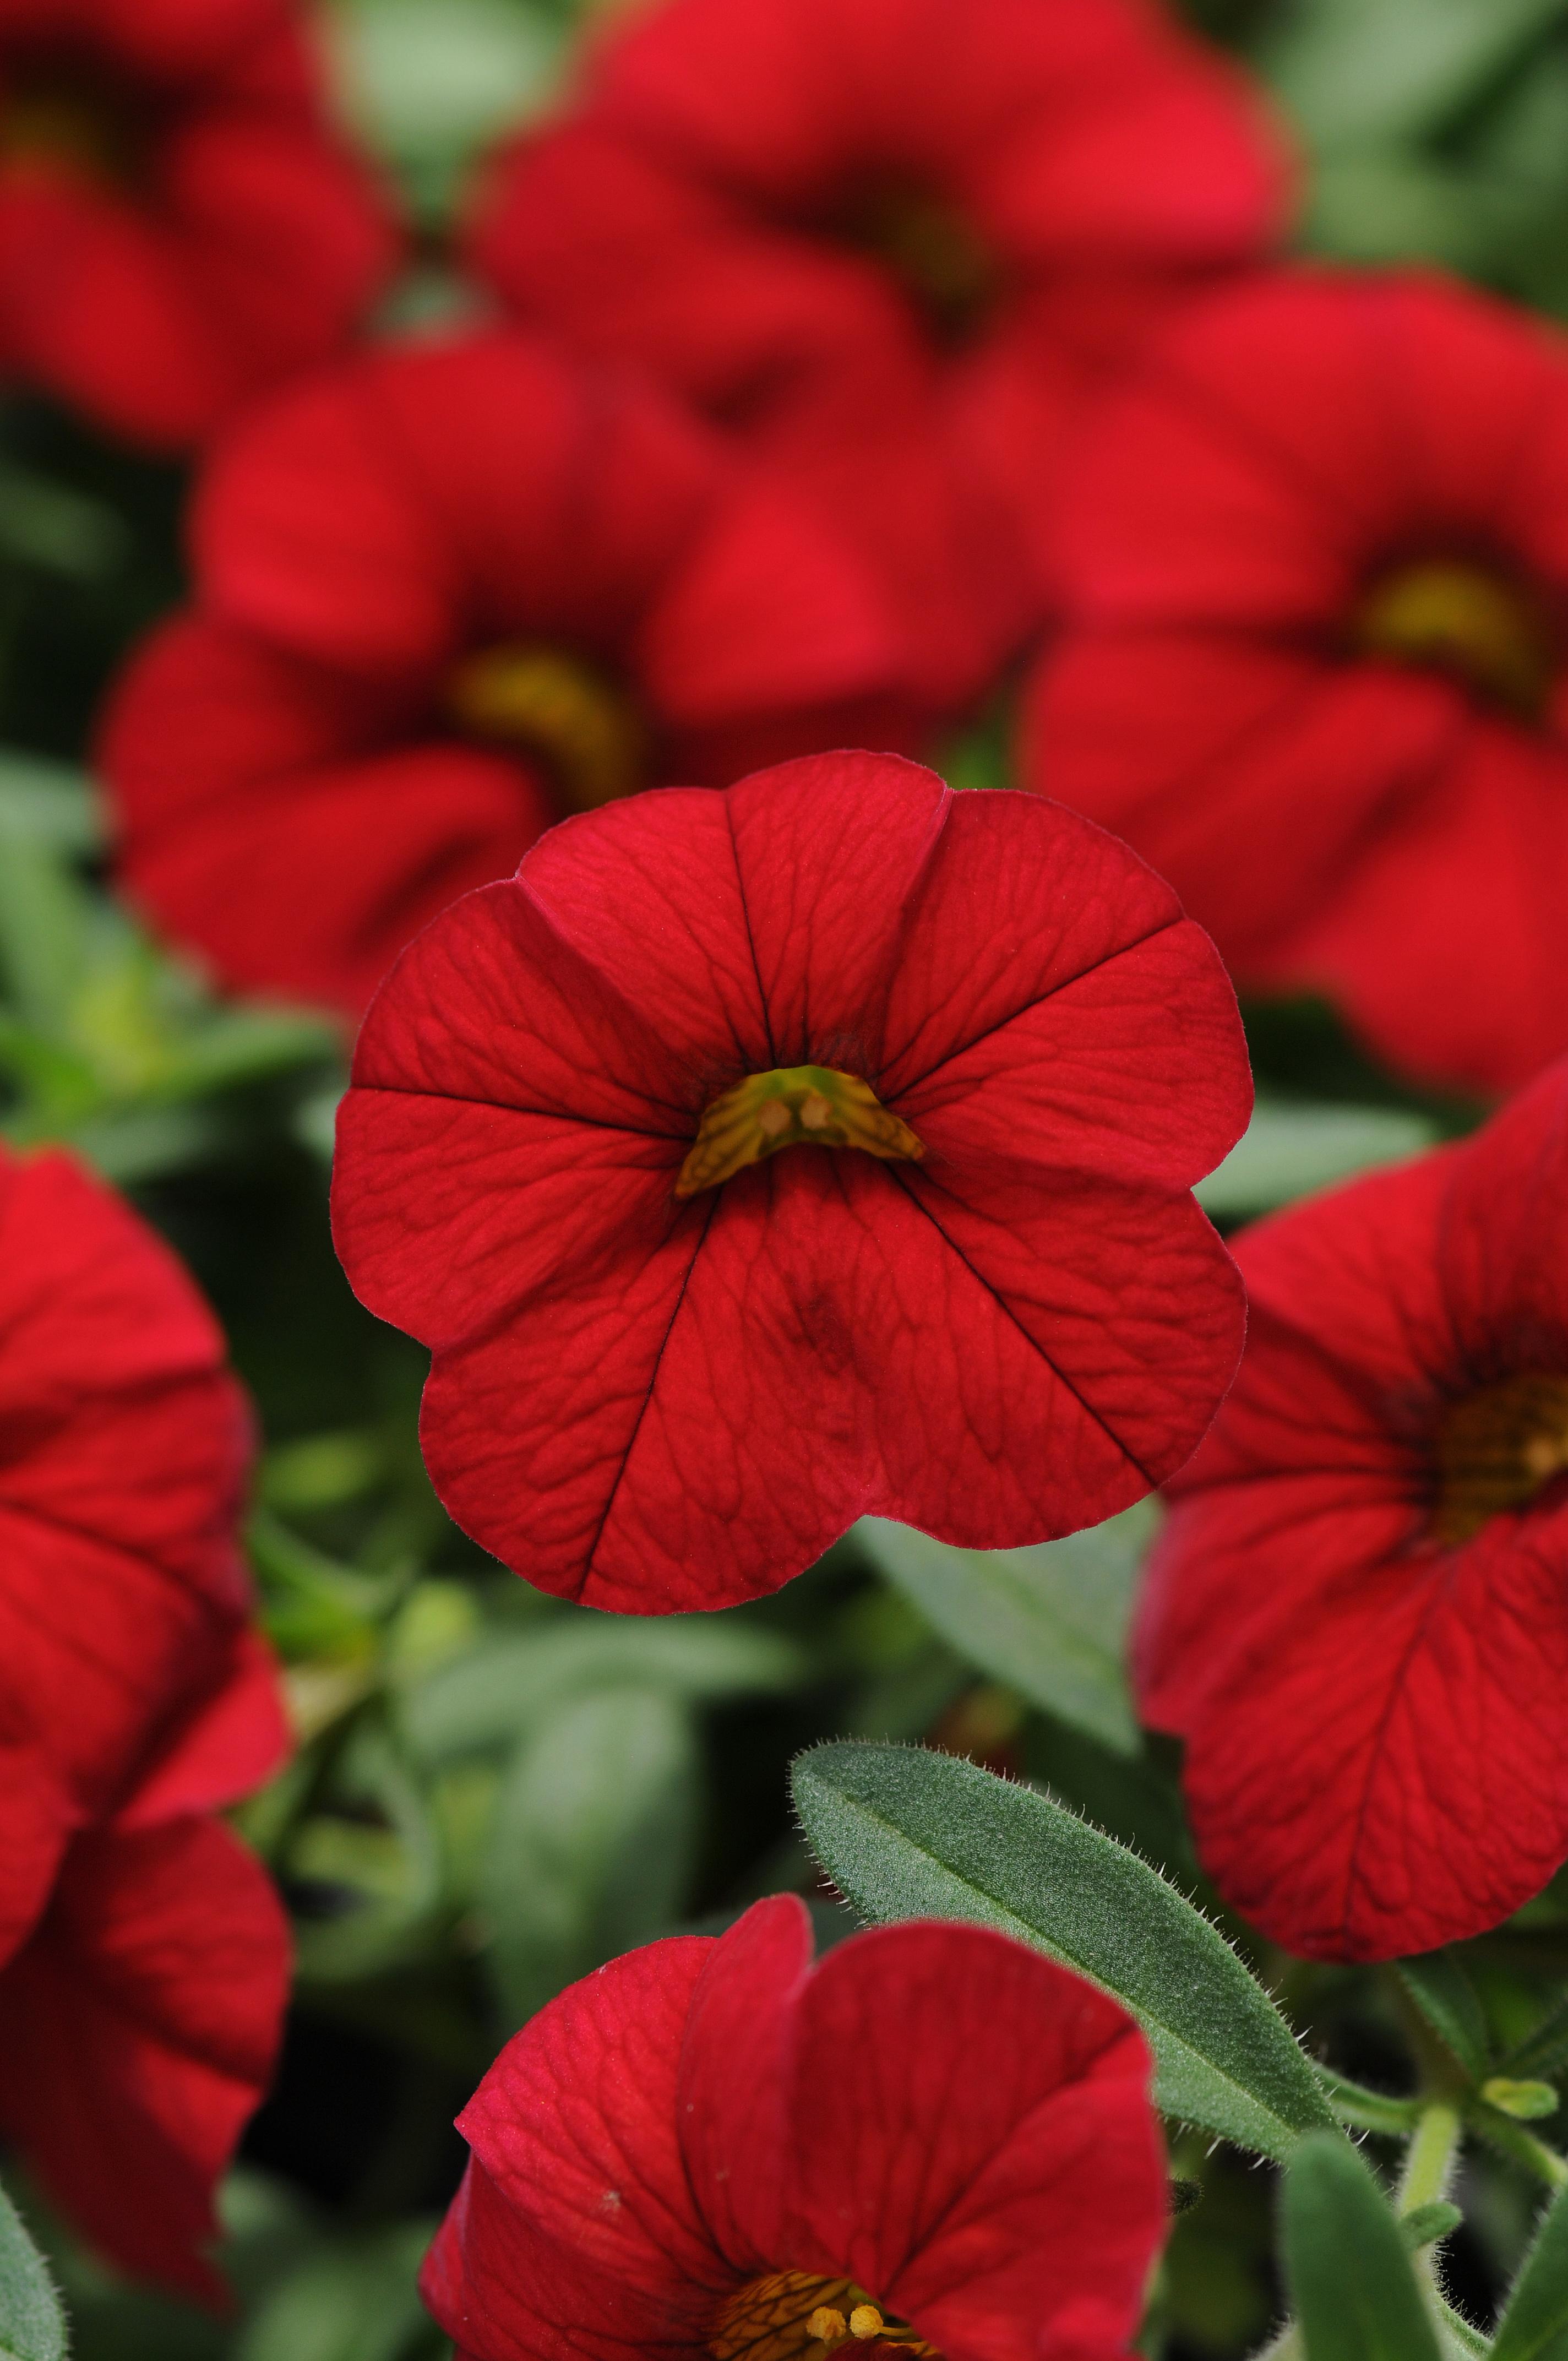 Calibrachoa_Cabaret_Bright_Red_Bloom_2616